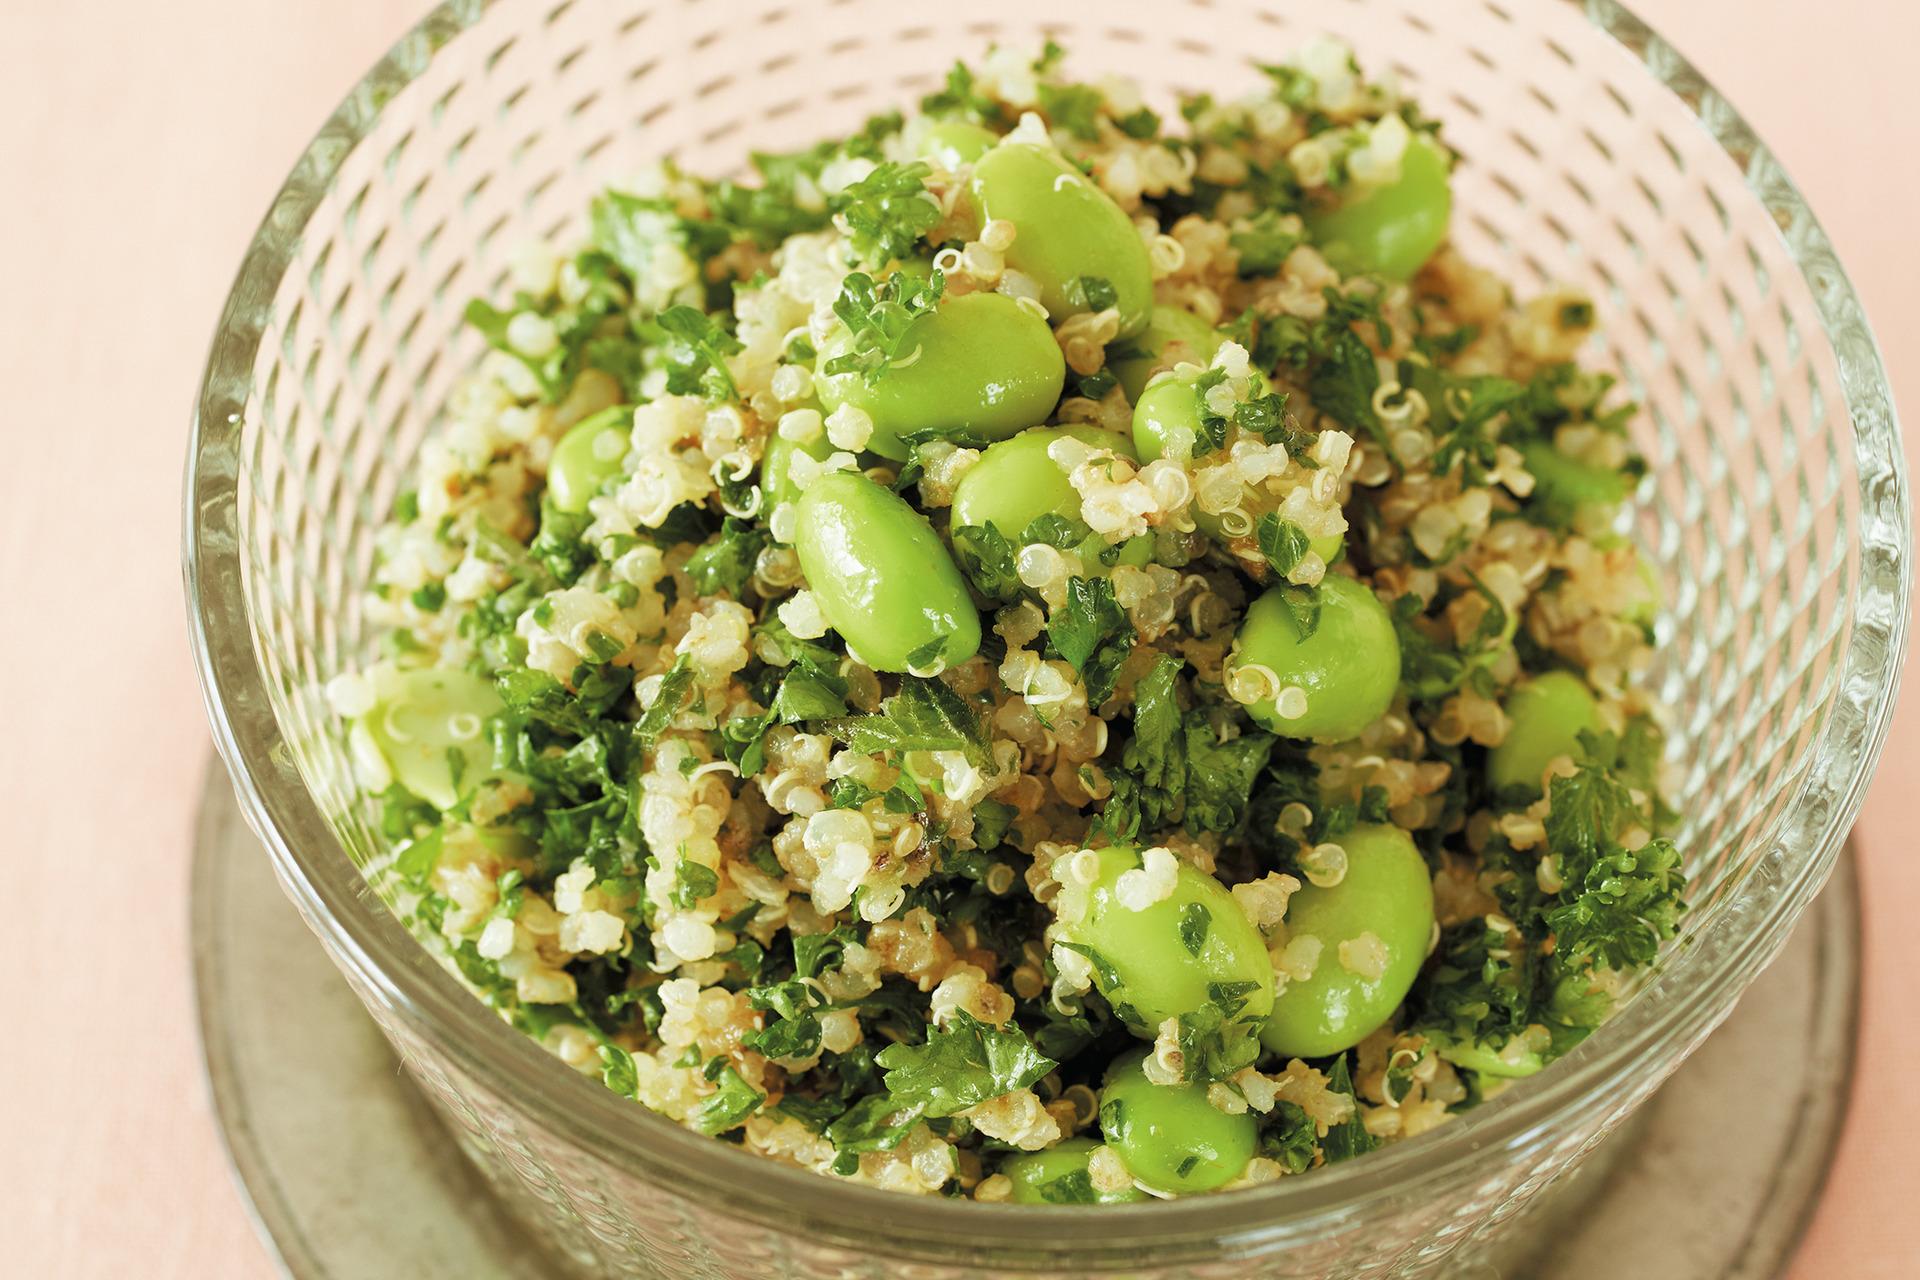 冷凍枝豆でさっとつくれる! パセリ、キヌア、枝豆のサラダ_1_1